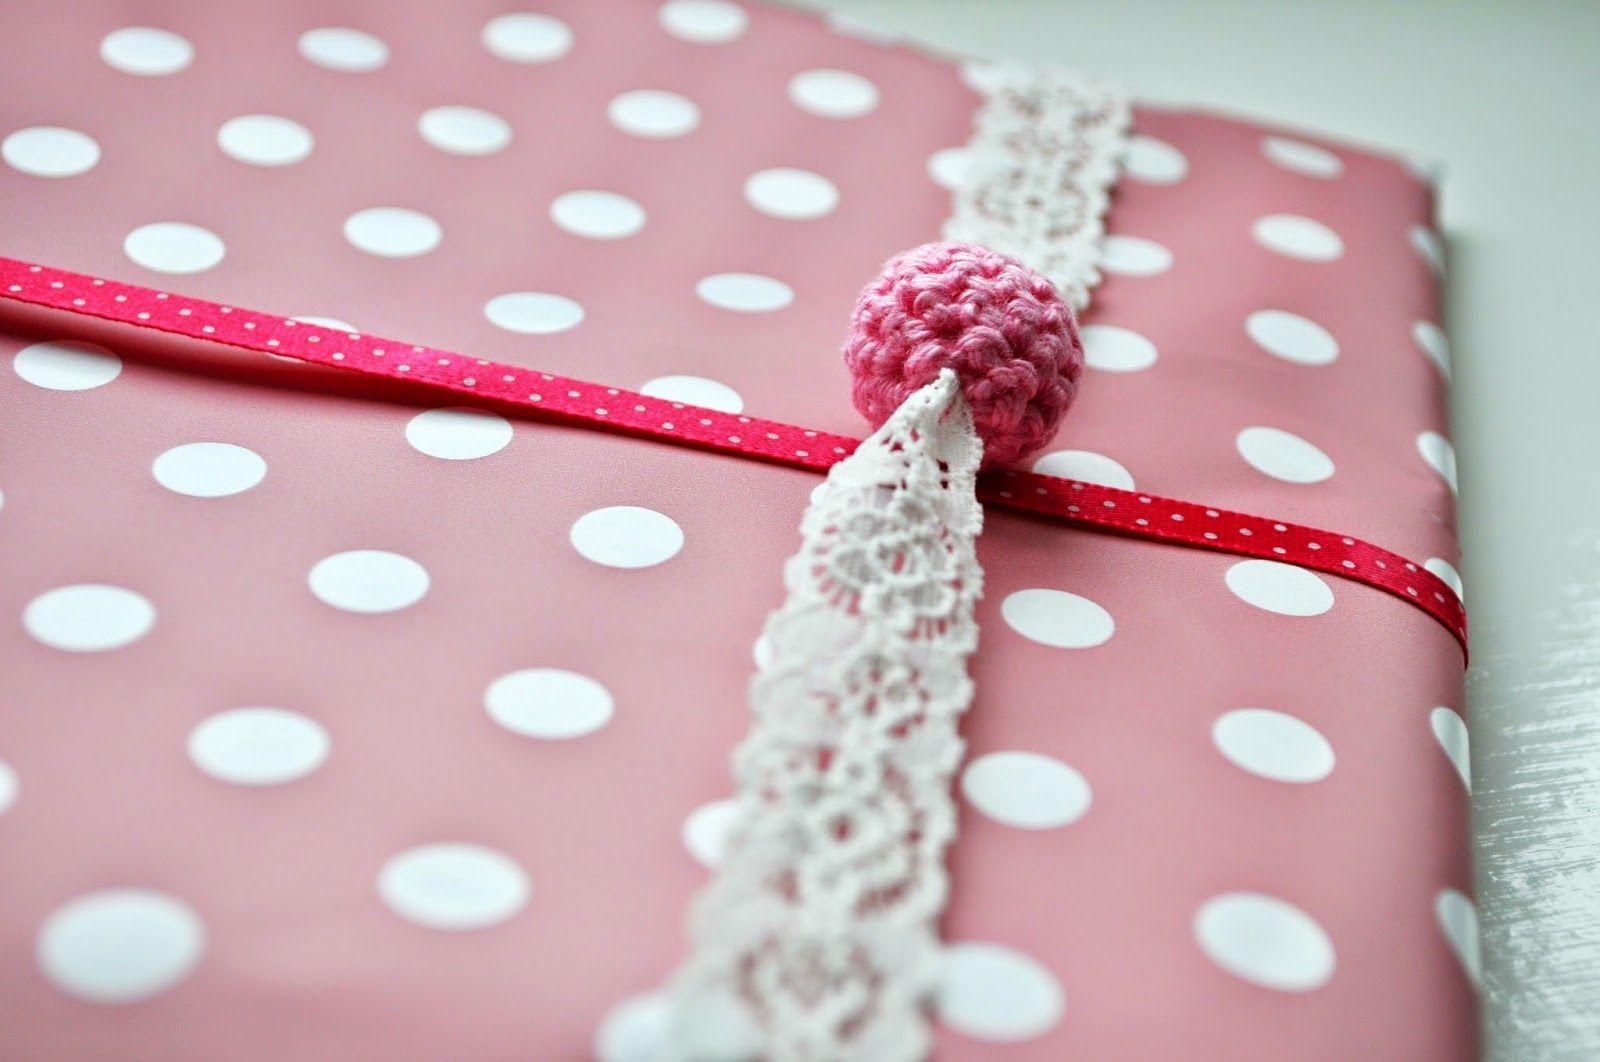 Hip met Haken: Cadeautjes inpakken / wrapping presents, decorated with tiny crochet ball.